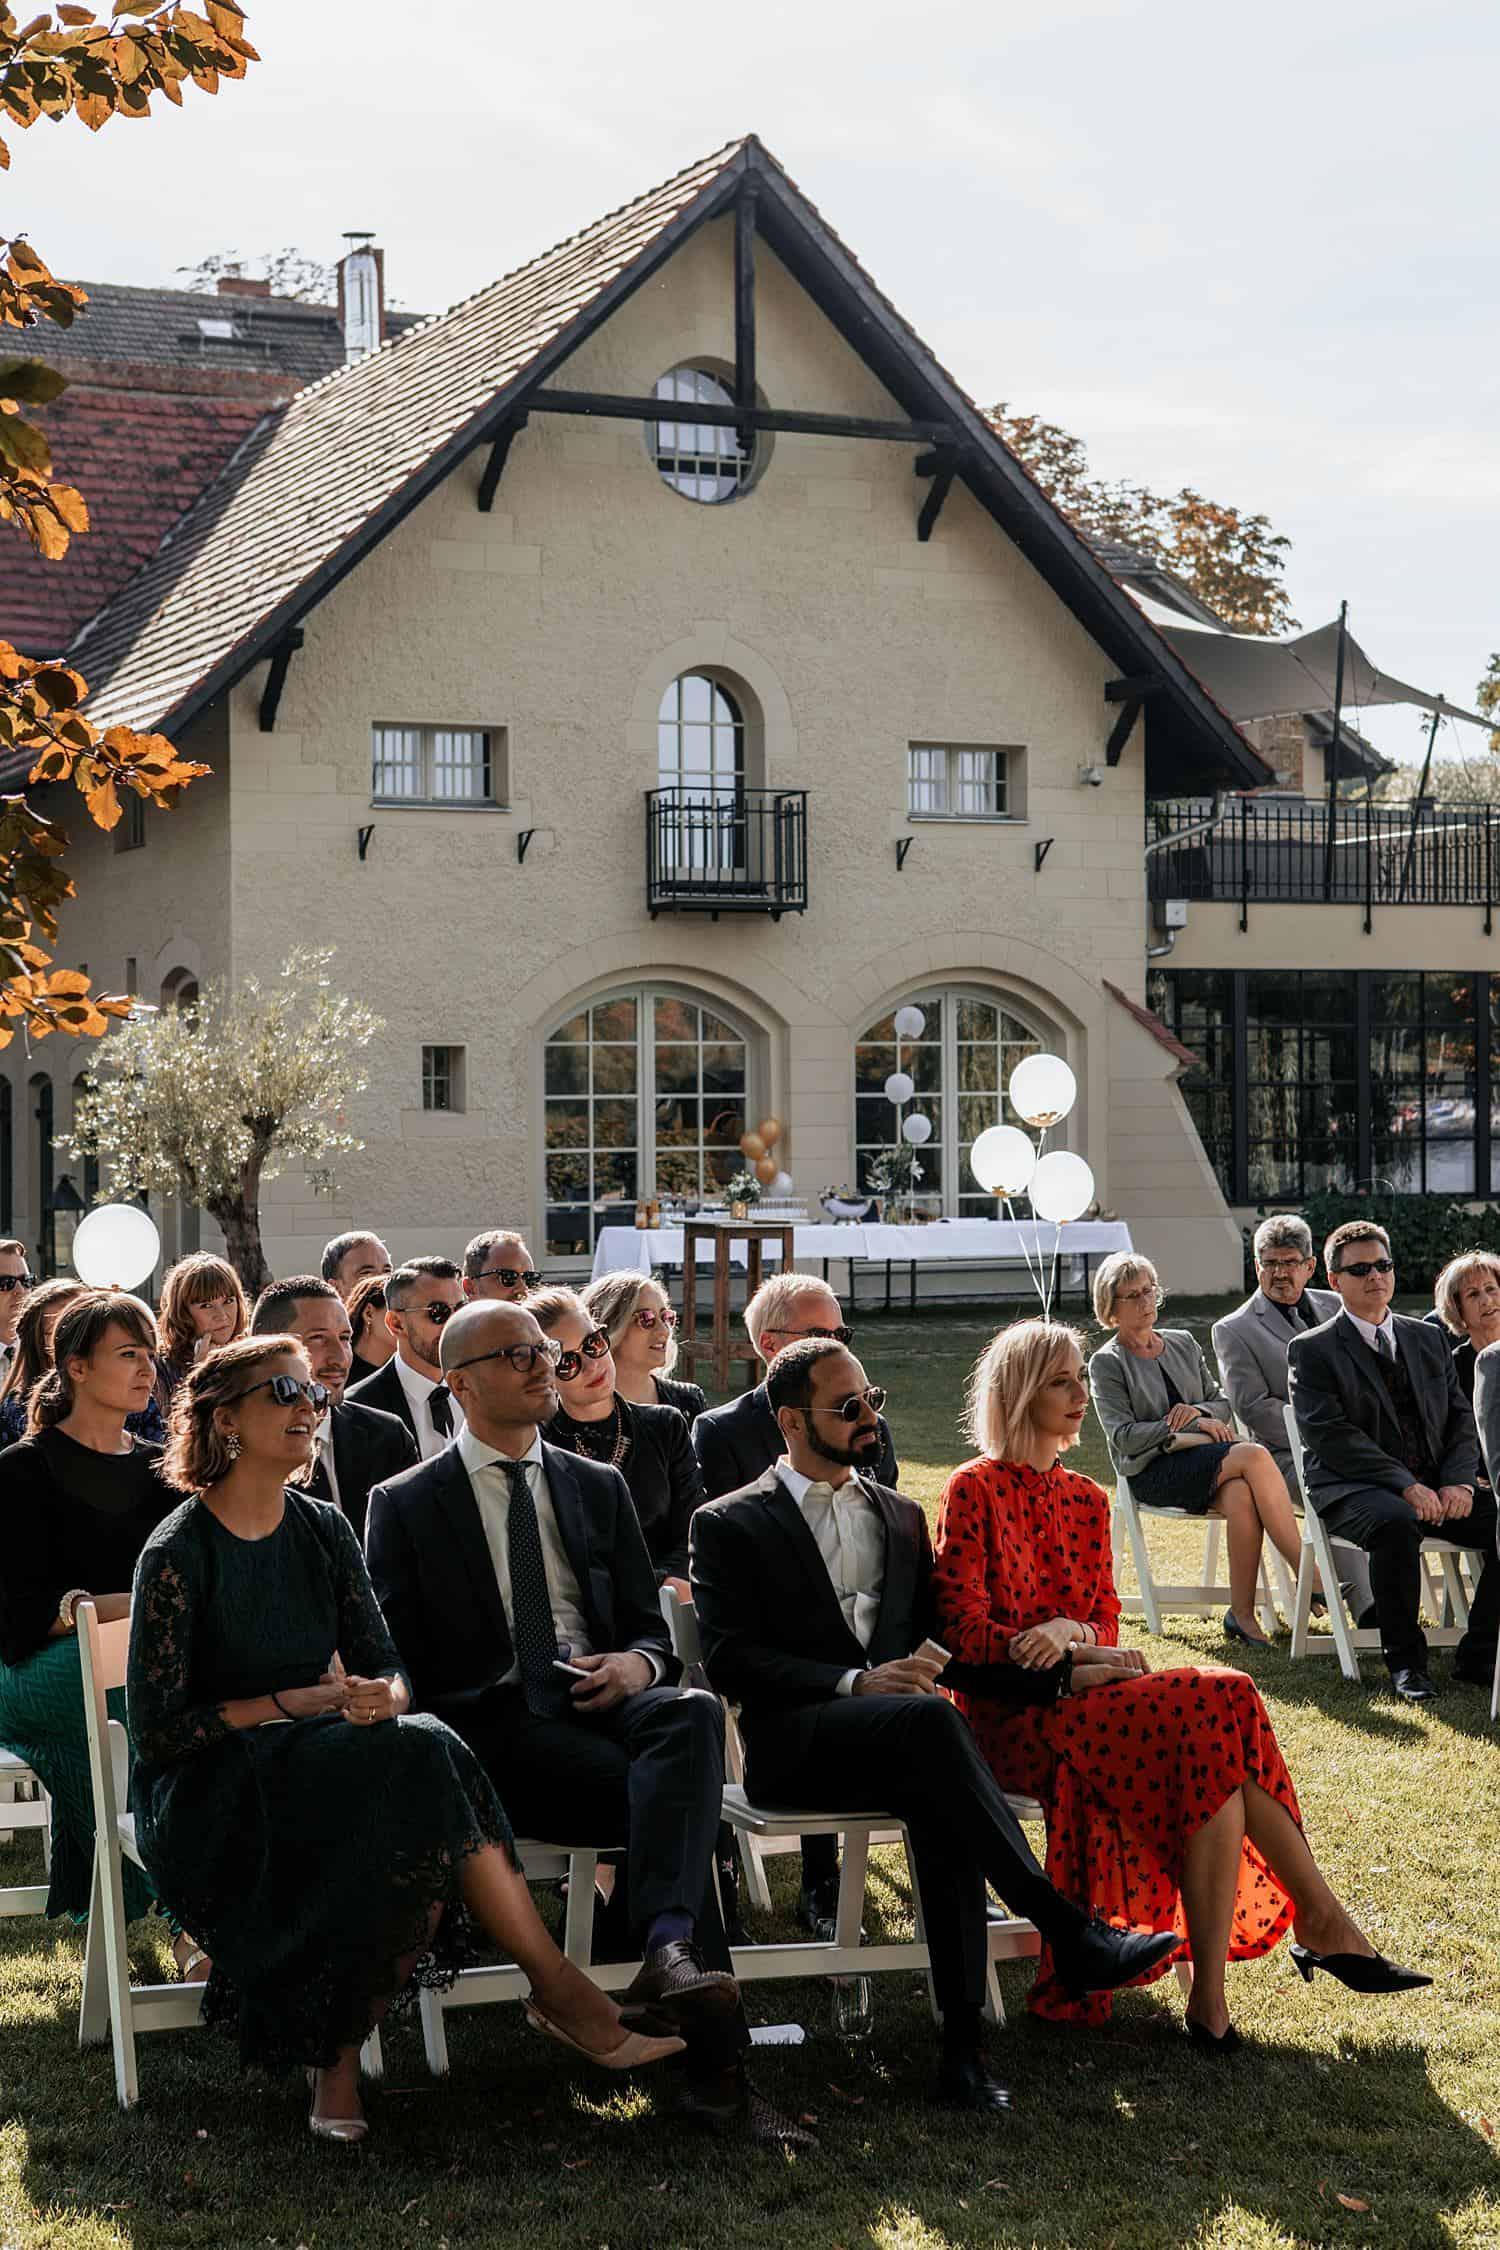 hochzeitsfotograf berlin vasil bituni,remise am see hochzeit zeremonie,